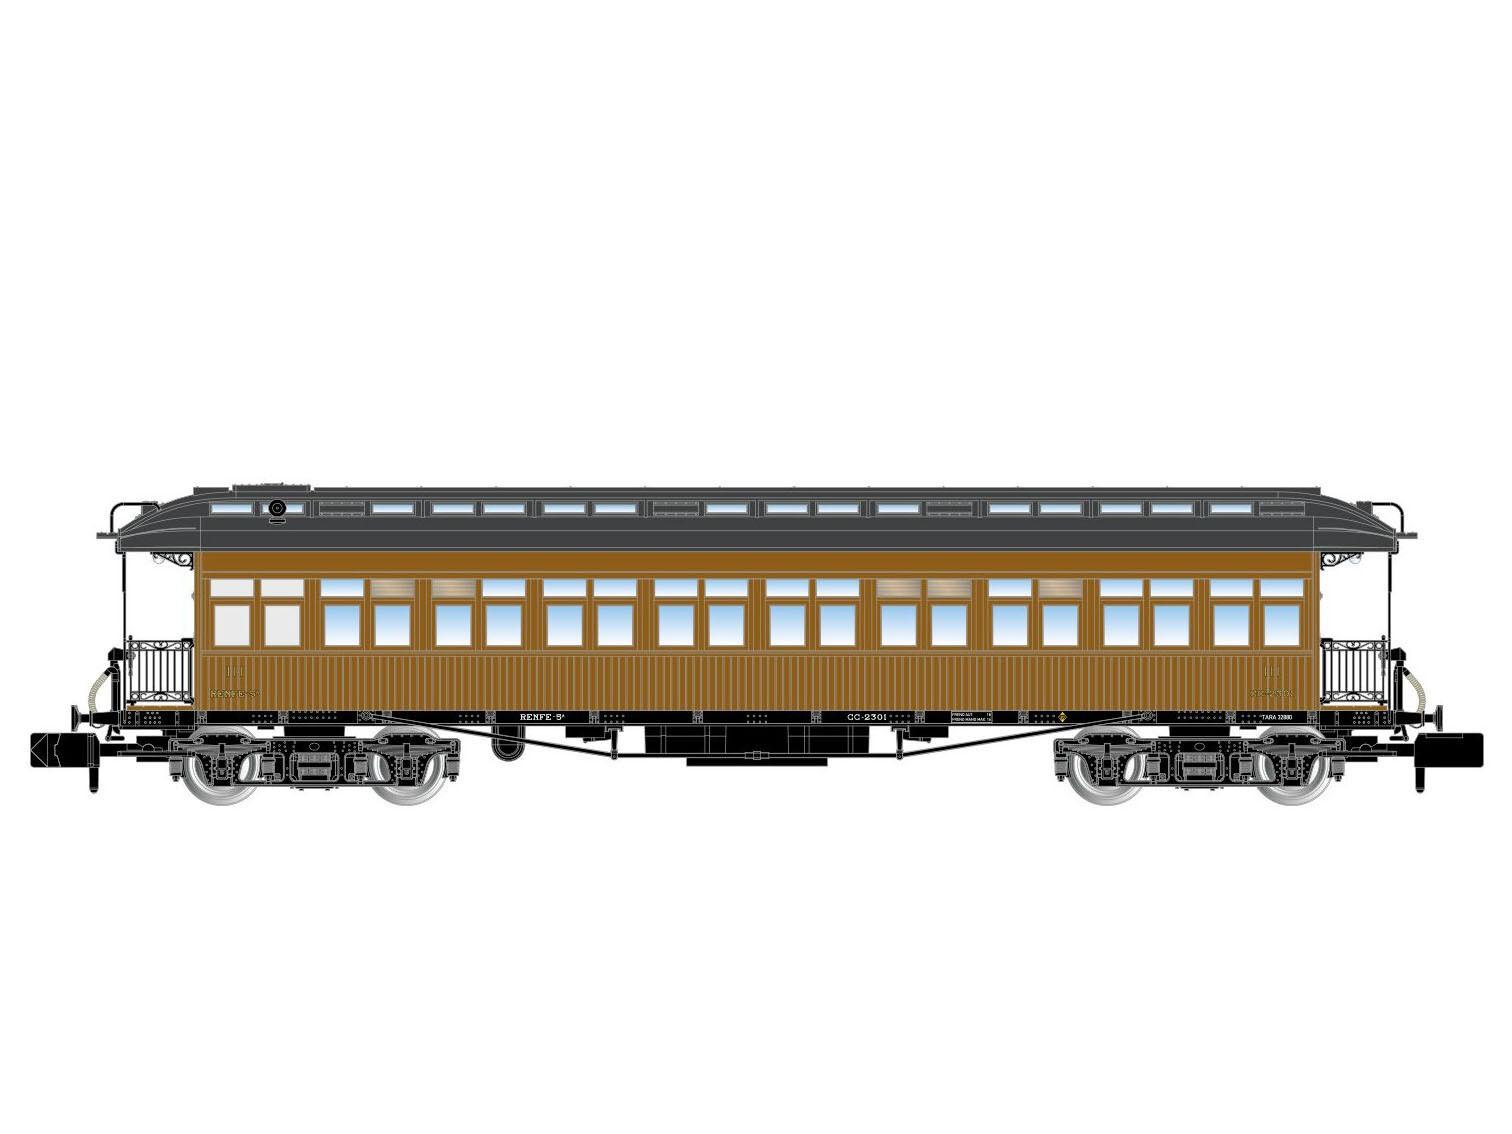 Arnold HN4237 - Personenwagen Reisezugwagen Costa 3.Kl. M.Z.A. - Spur N - NEU